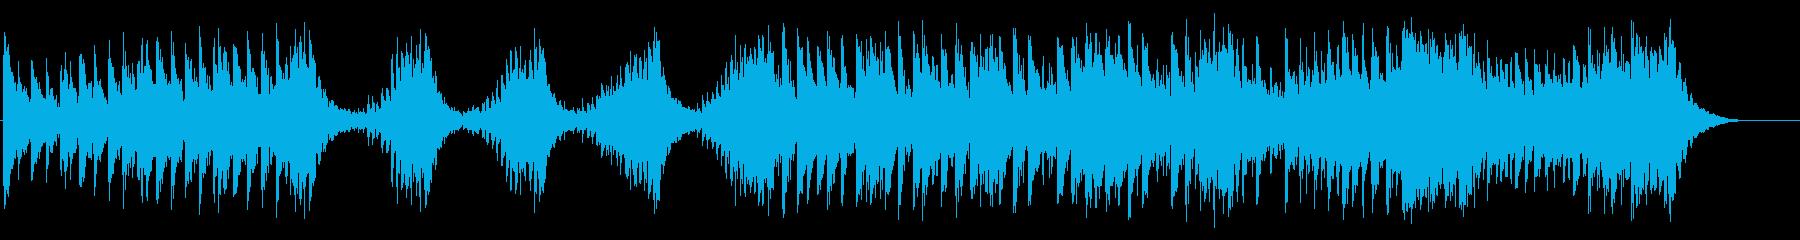 力強い大太鼓のみの和太鼓曲の再生済みの波形